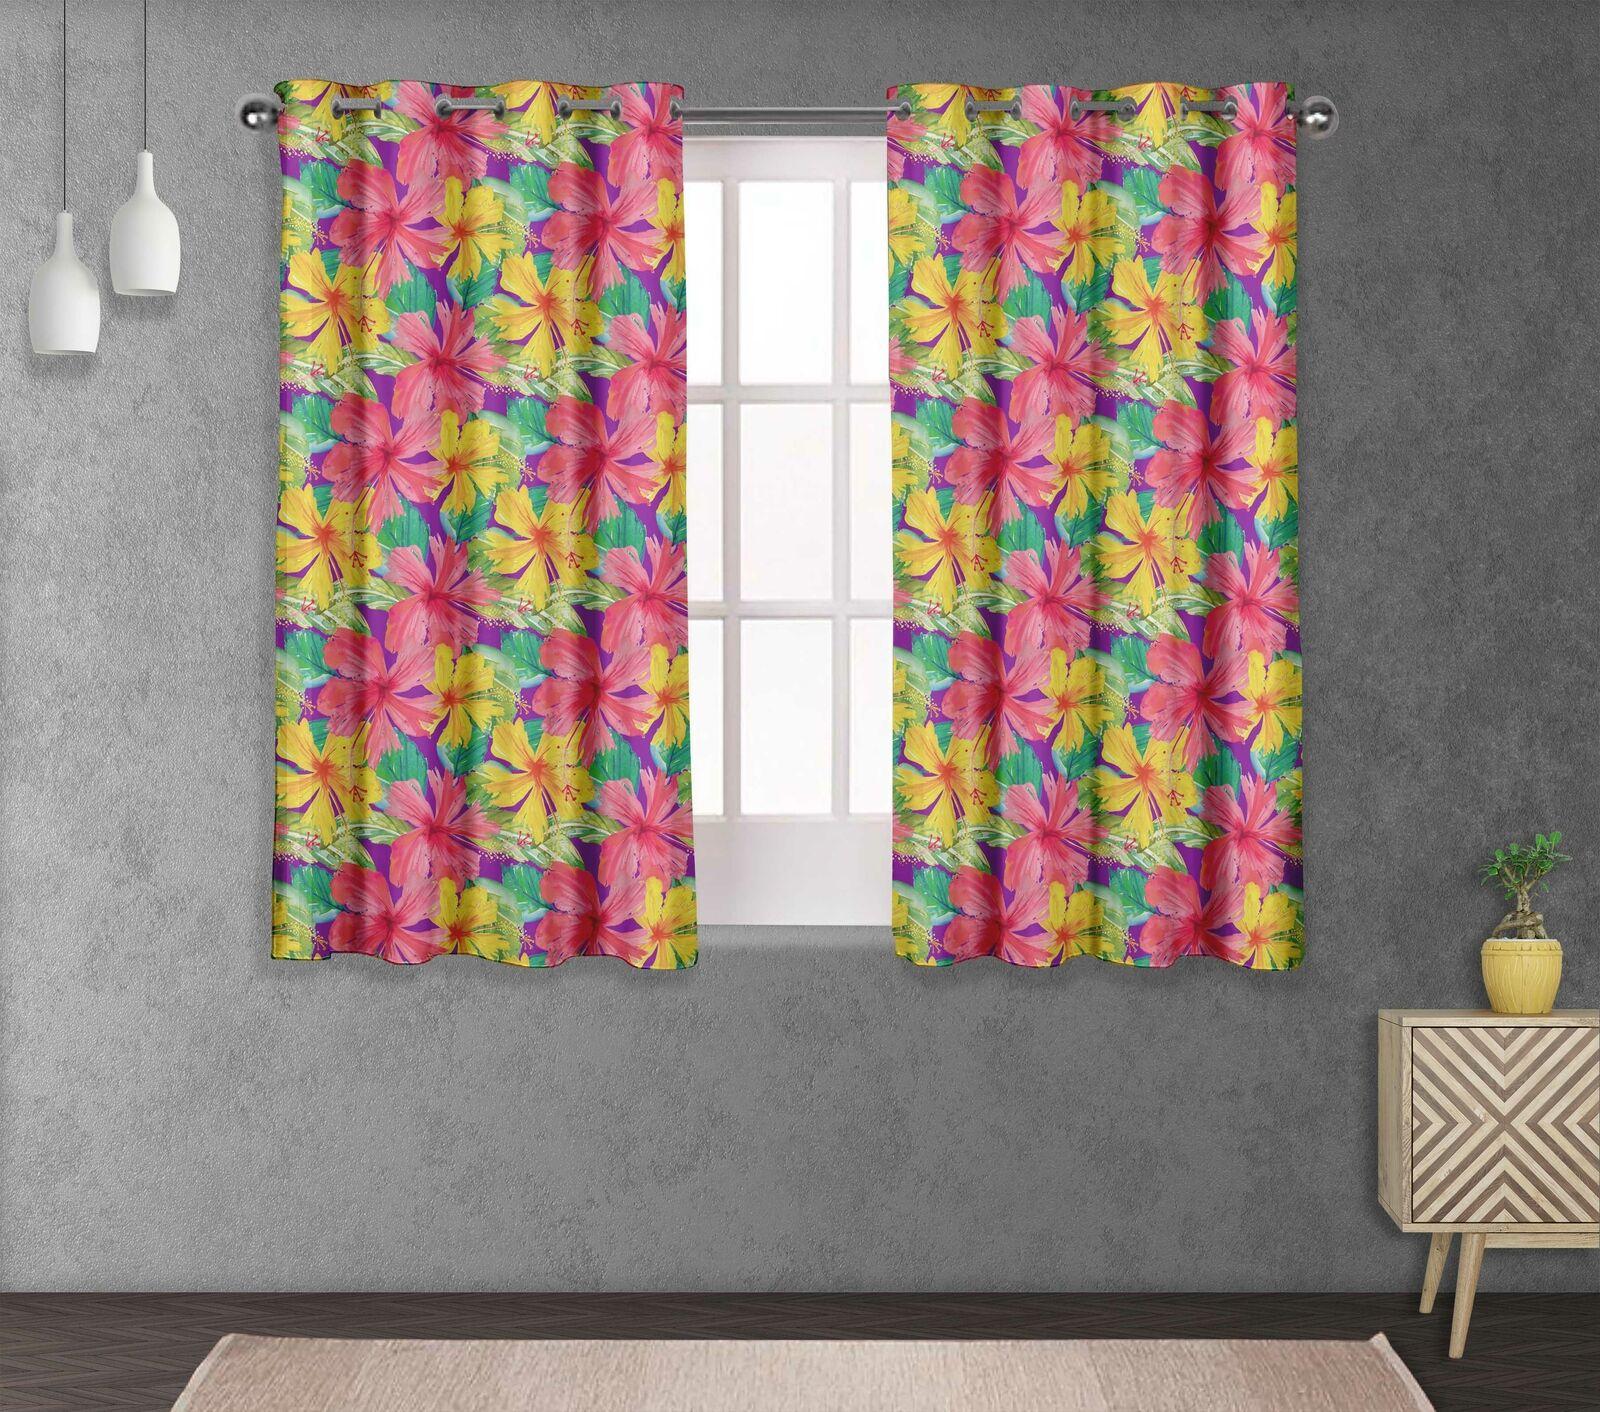 S 4 Sassy Hojas & Salón Ojal cortina de ventana de corto y larga-FL-683C